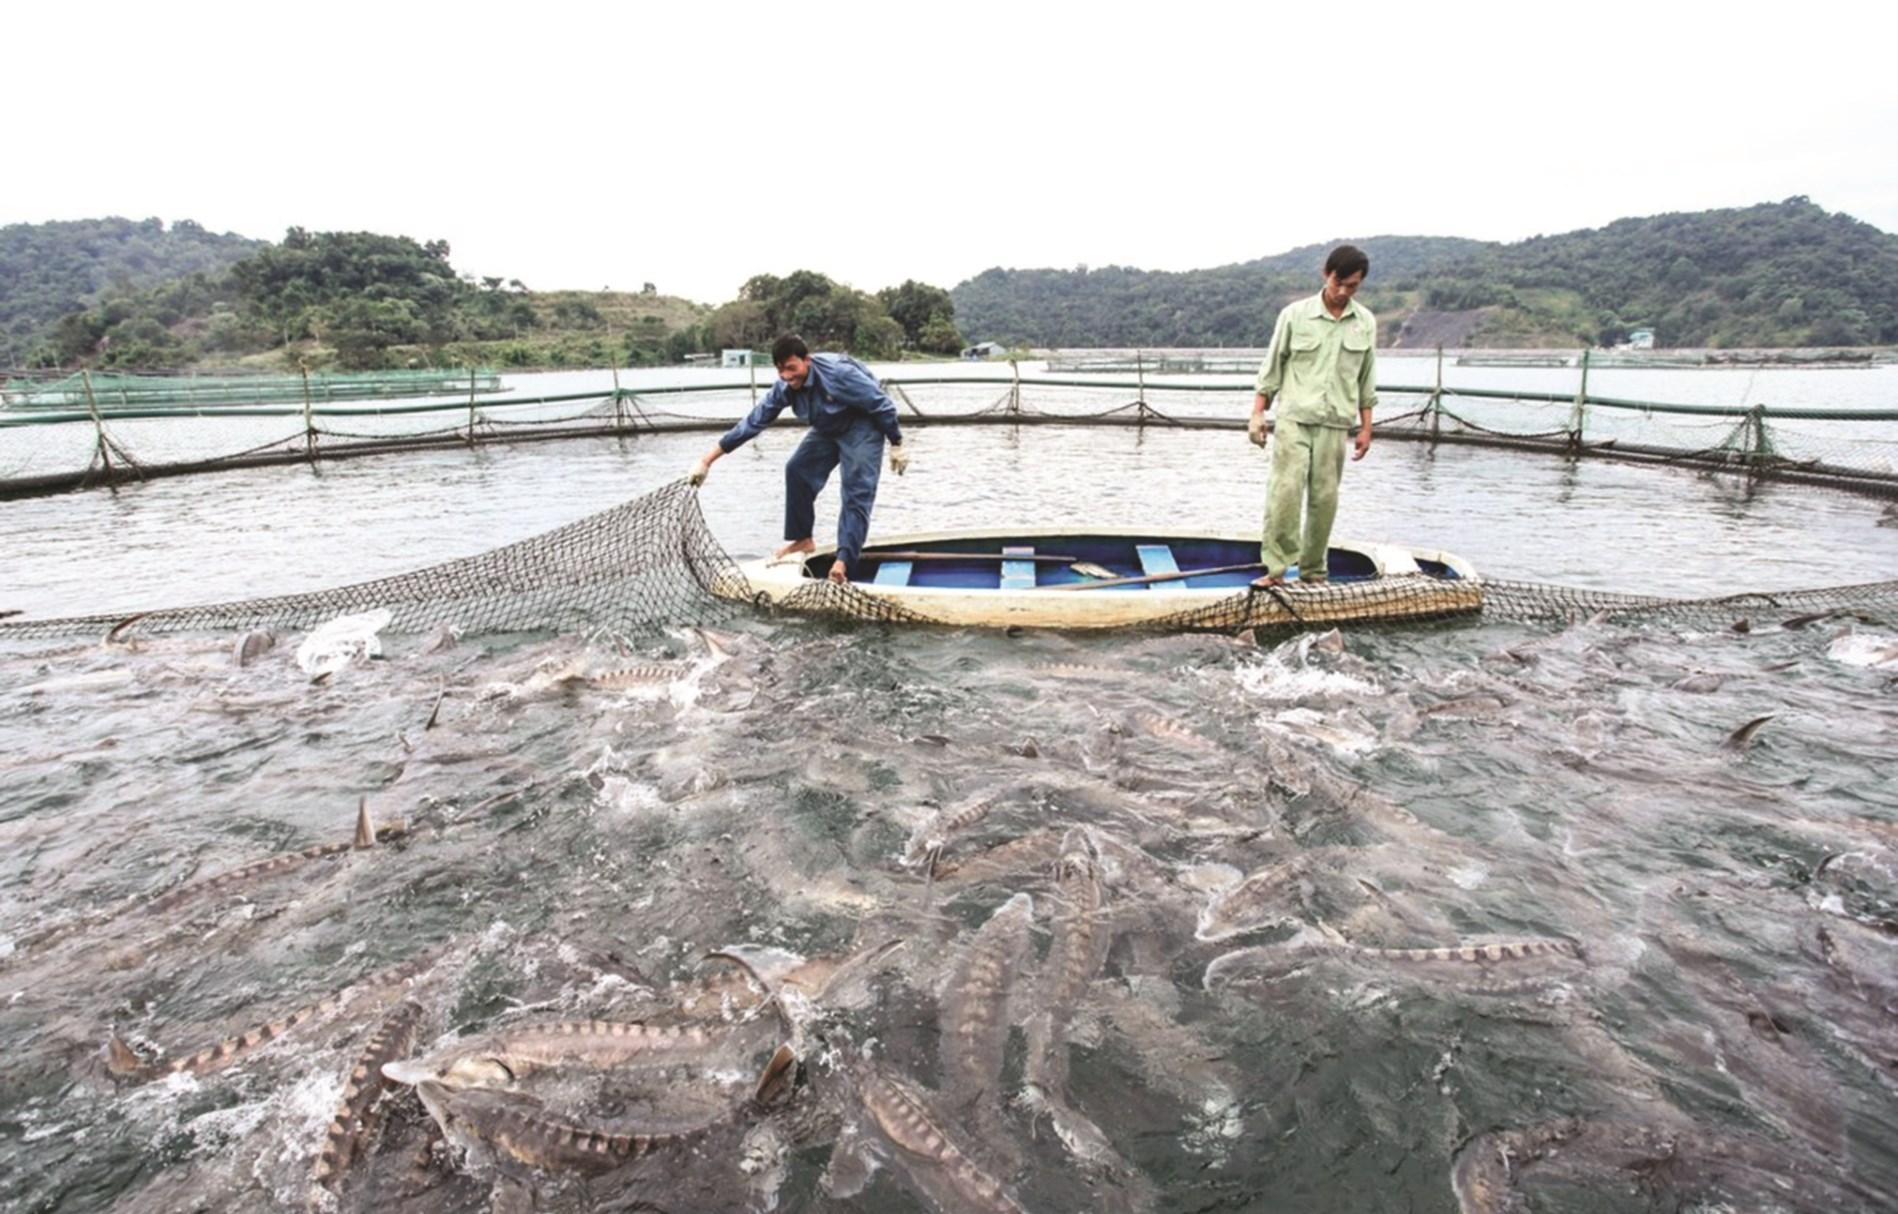 Lòng hồ thủy điện Sơn La là điều kiện thuận lợi để nuôi cá tầm.